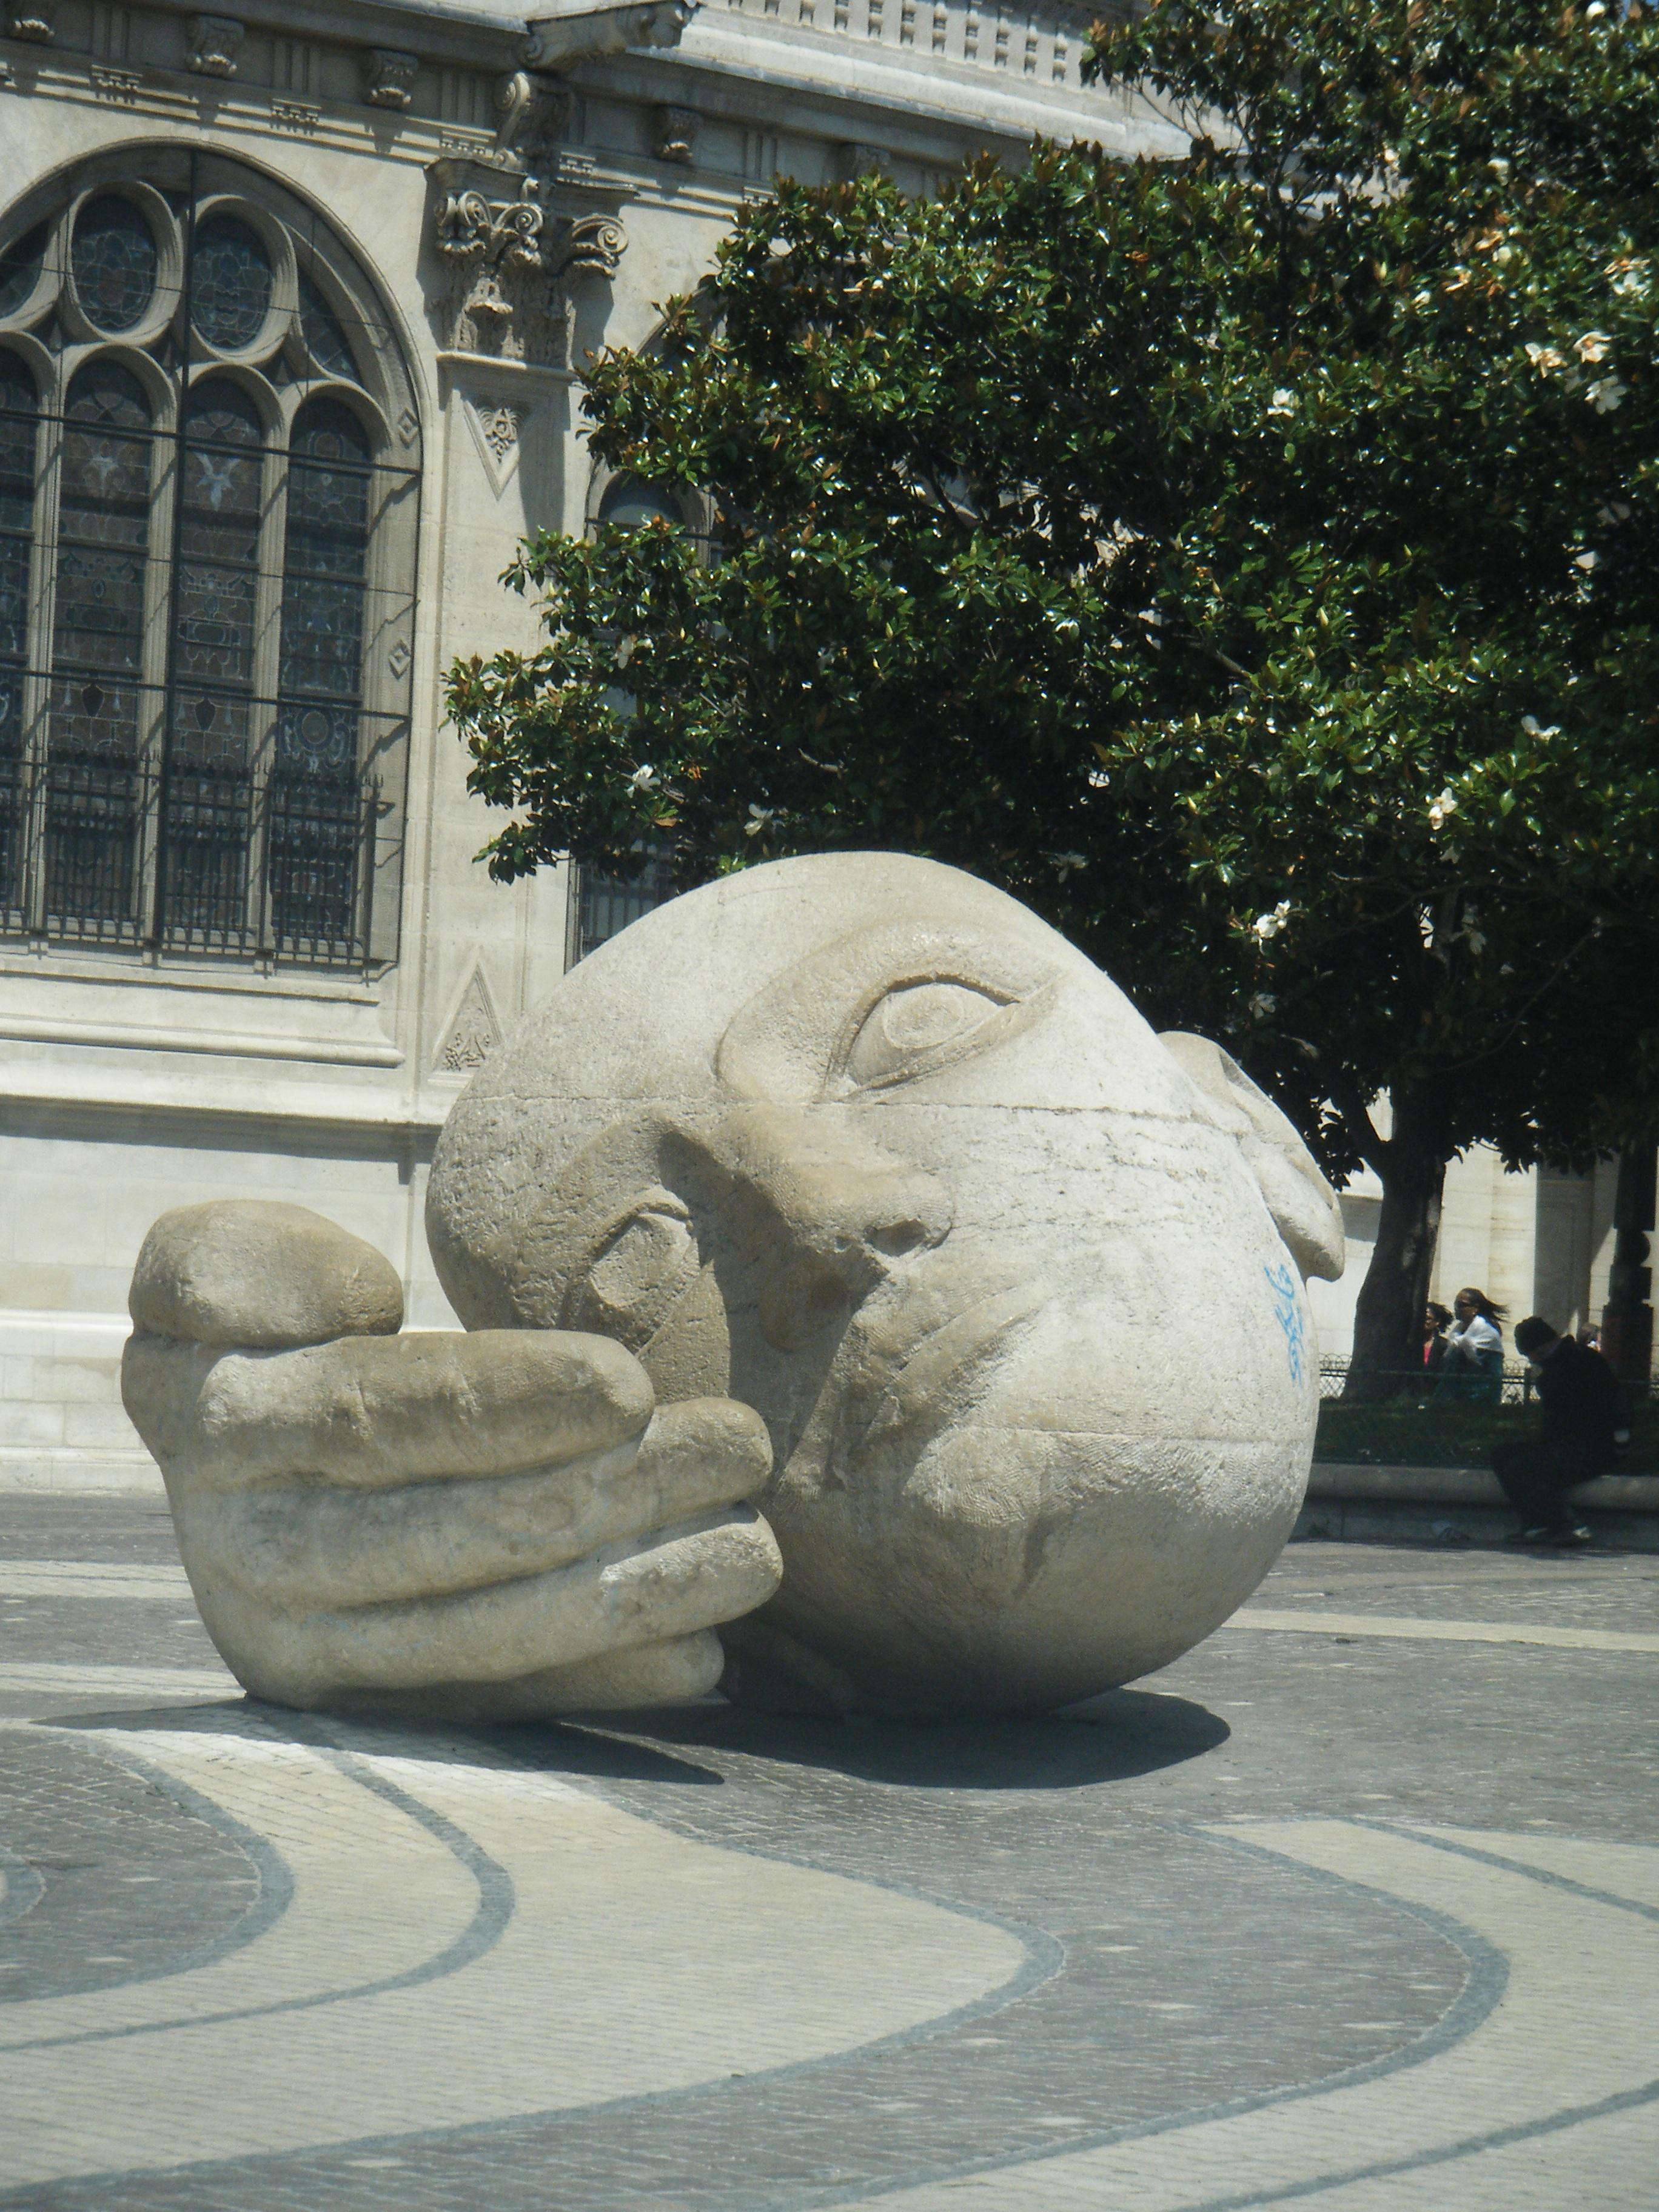 objeto turismo lugares de inters escultura art gira tallado fuente de agua el jefe de la esculpir la mano cabeza de piedra historia antigua